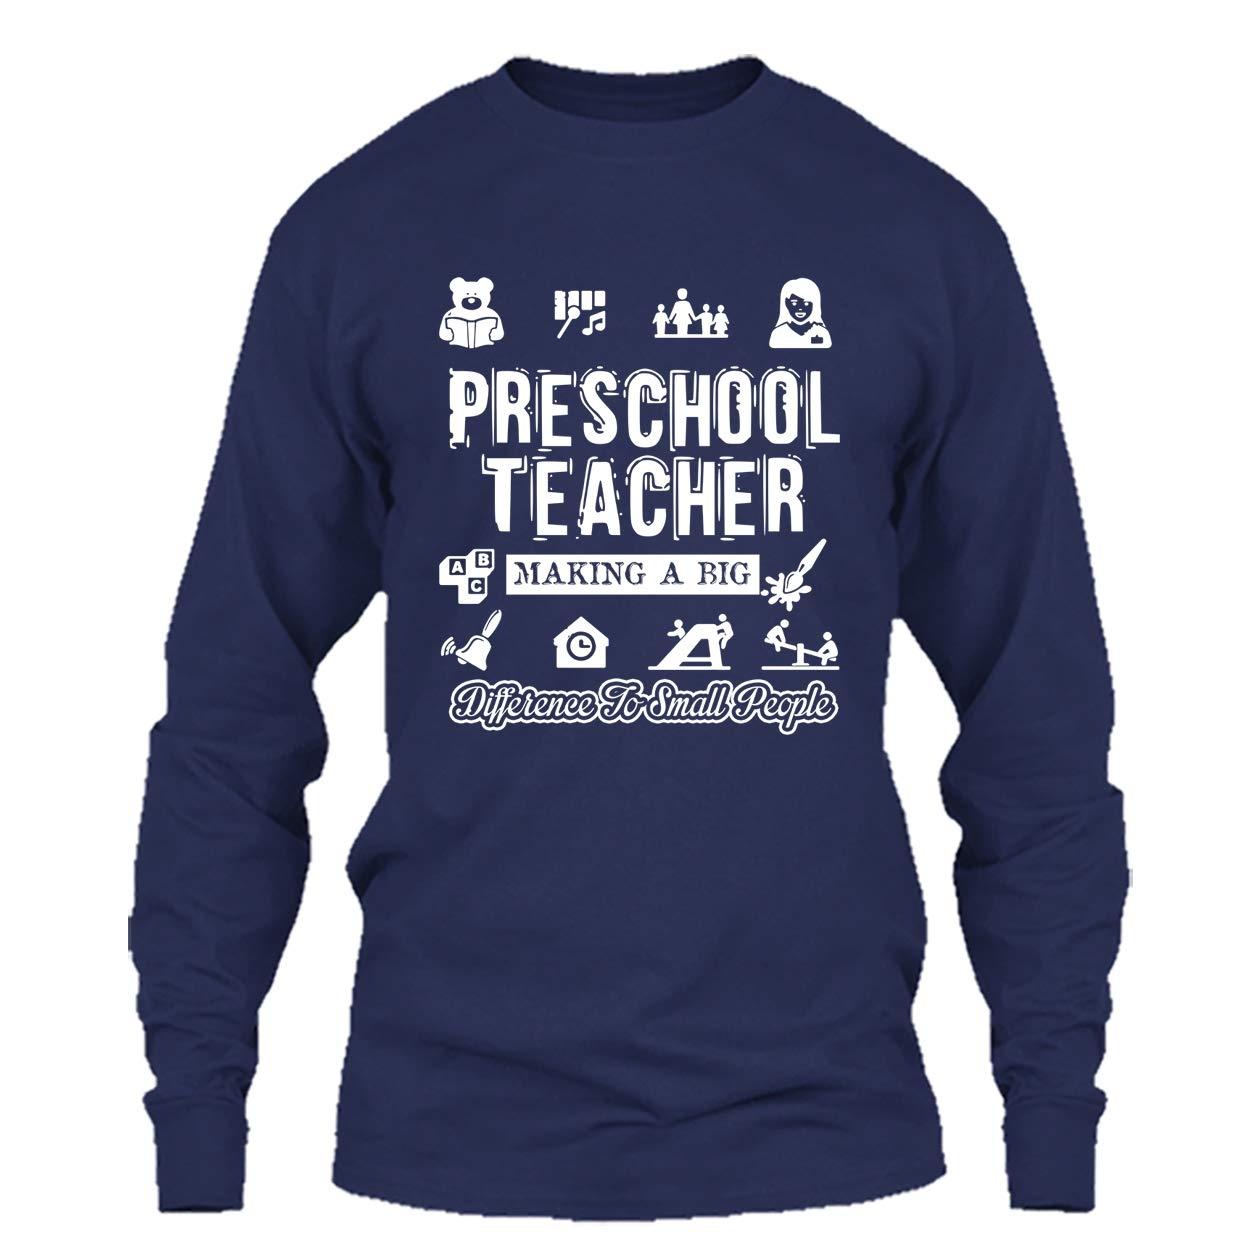 e5c8de341 Addblack Preschool Teacher T Shirt - Preschool Teacher Making Difference  Cool T Shirts Design | Amazon.com